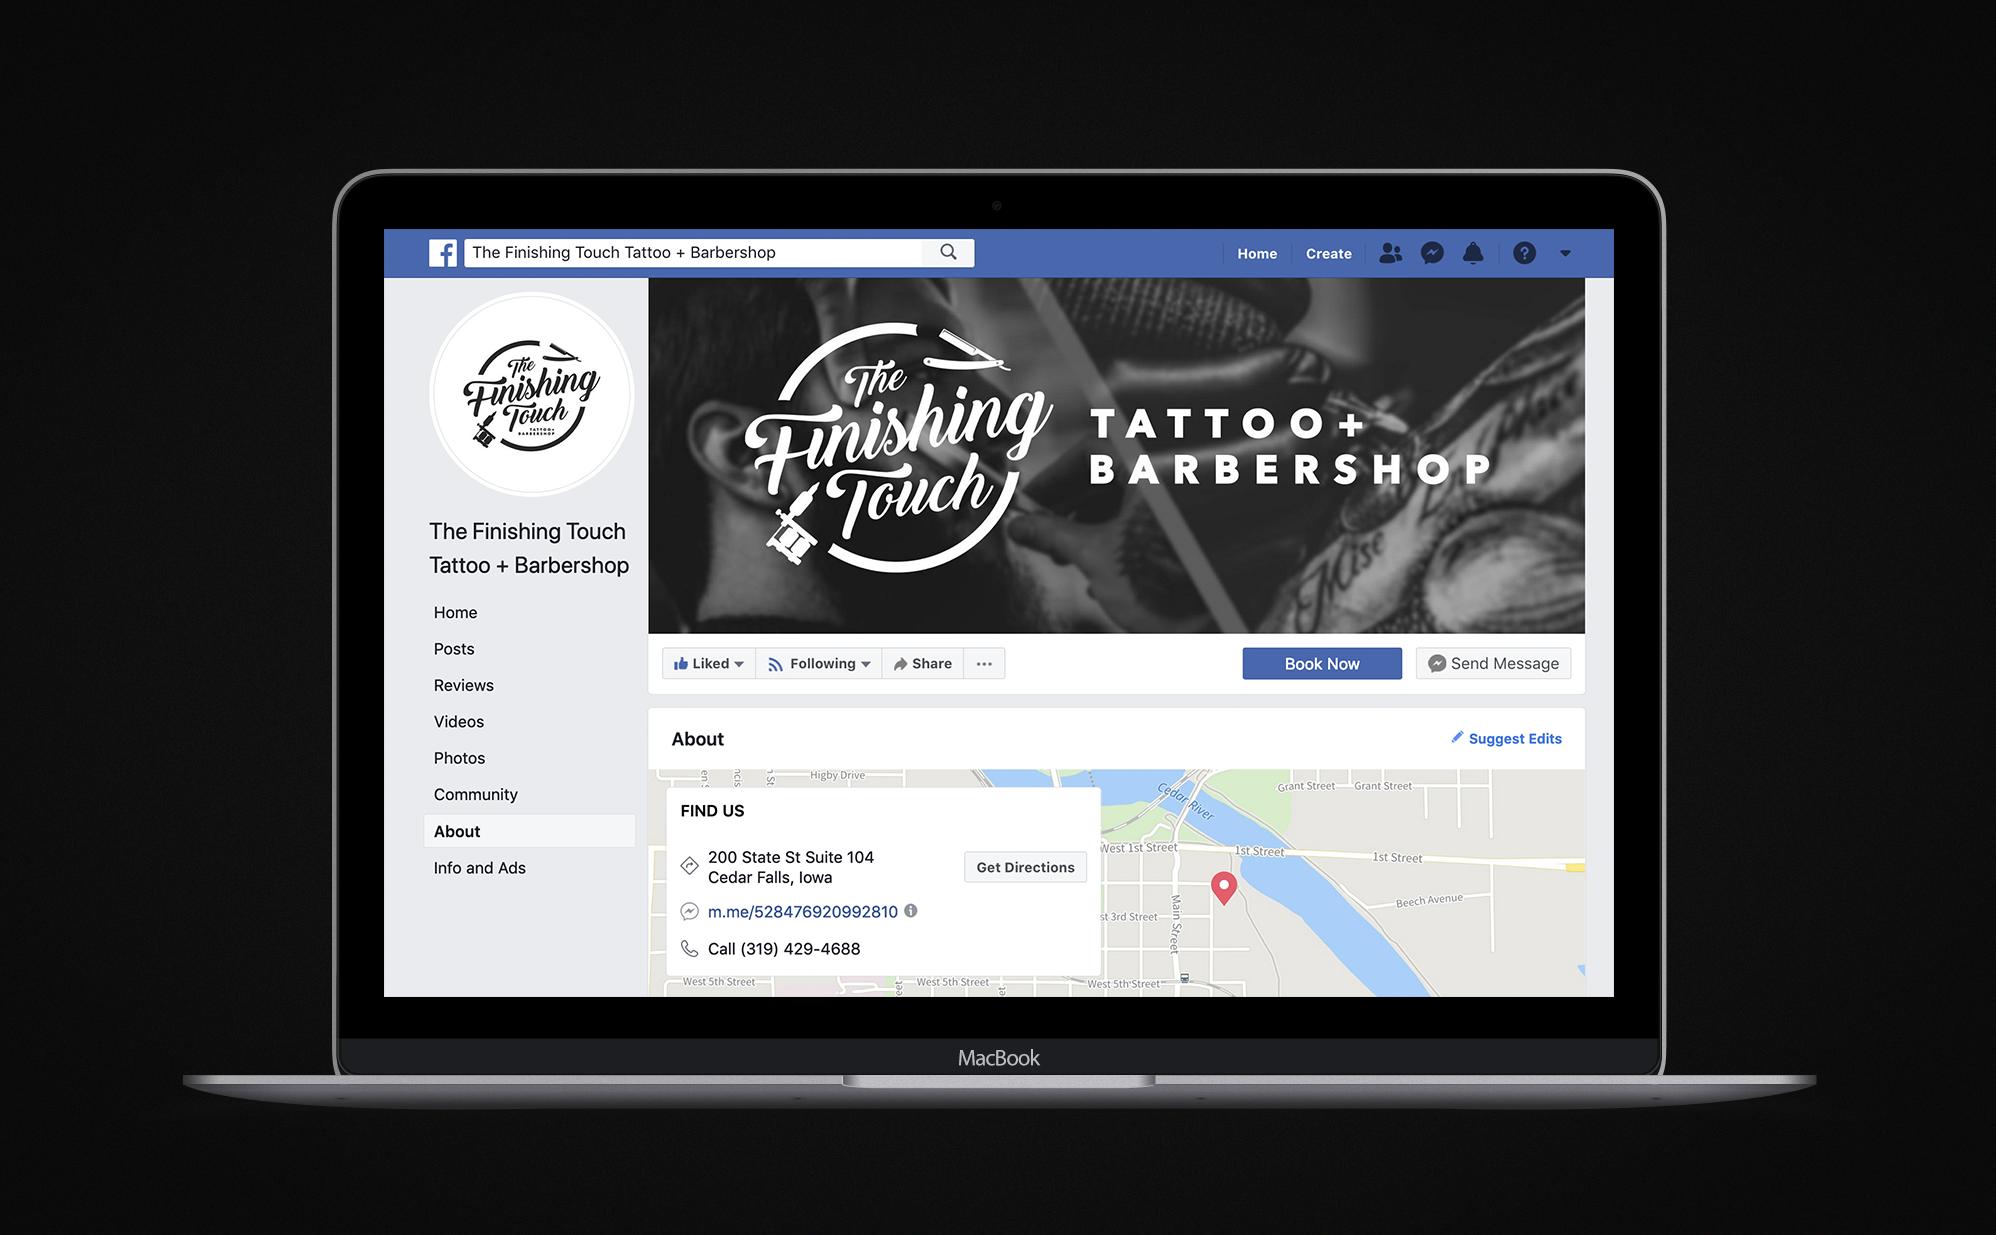 FACEBOOK - Like us on Facebook!